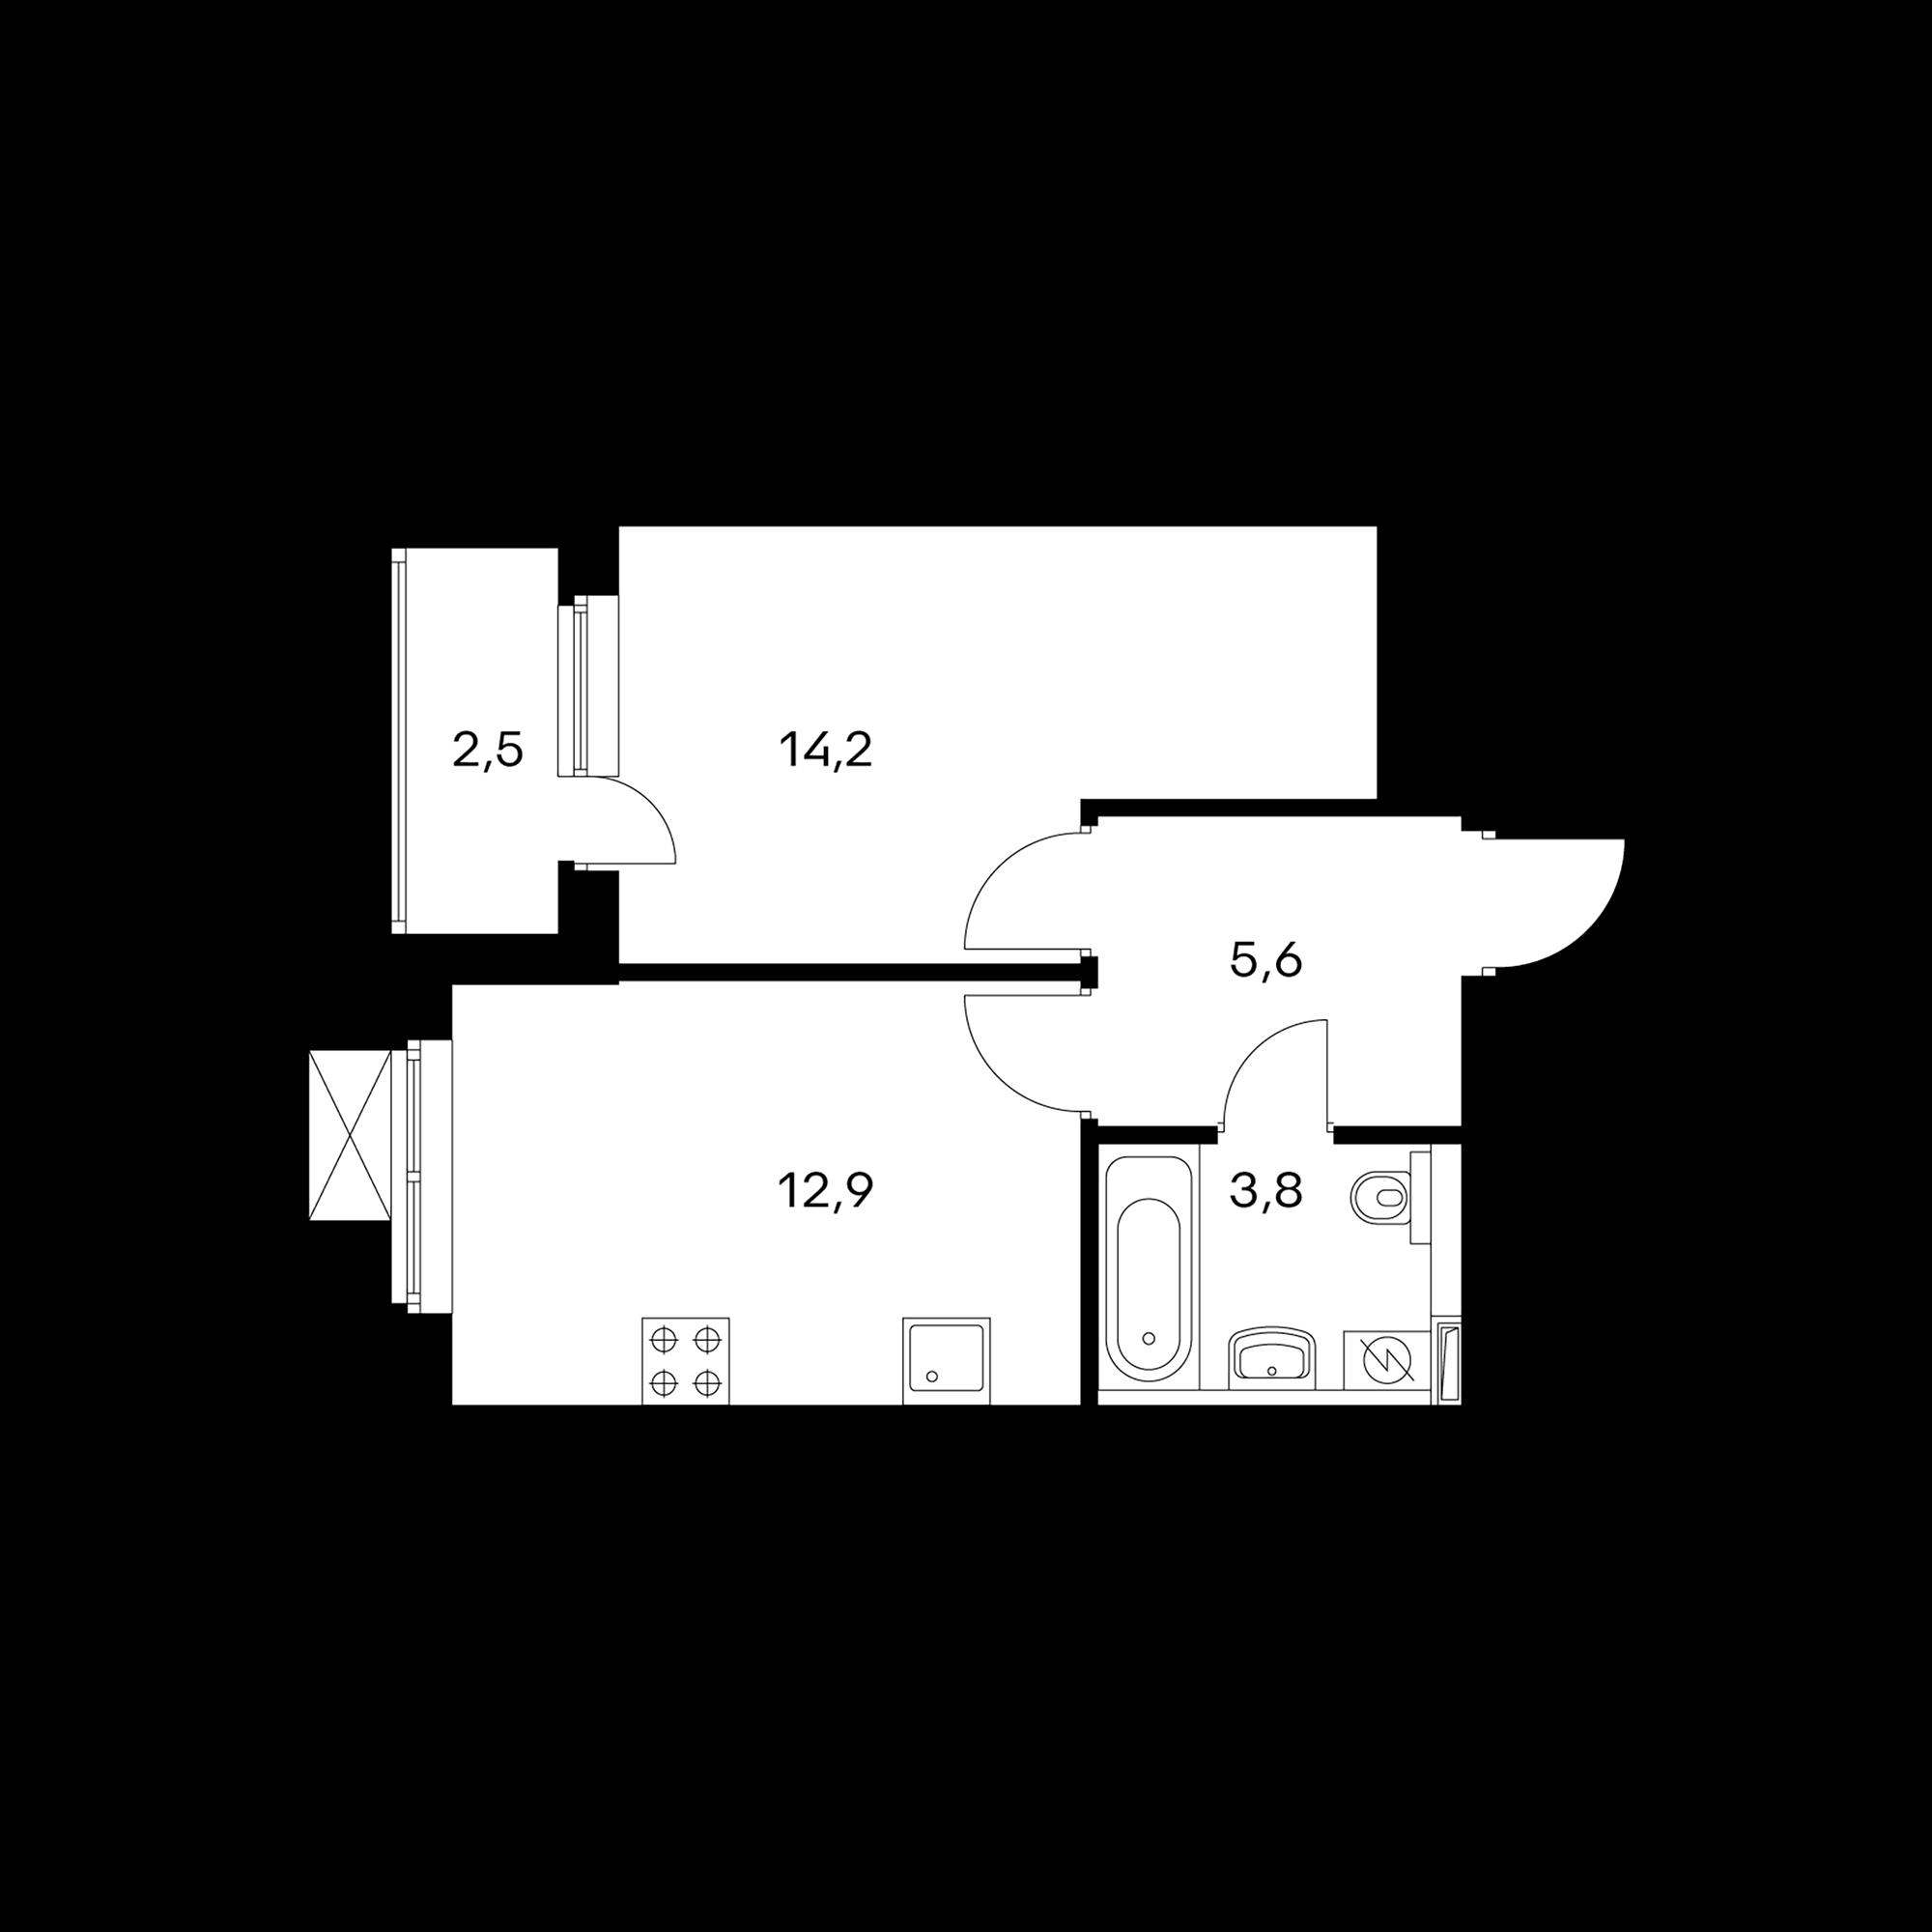 1KS2_6.3-1_S_ZL